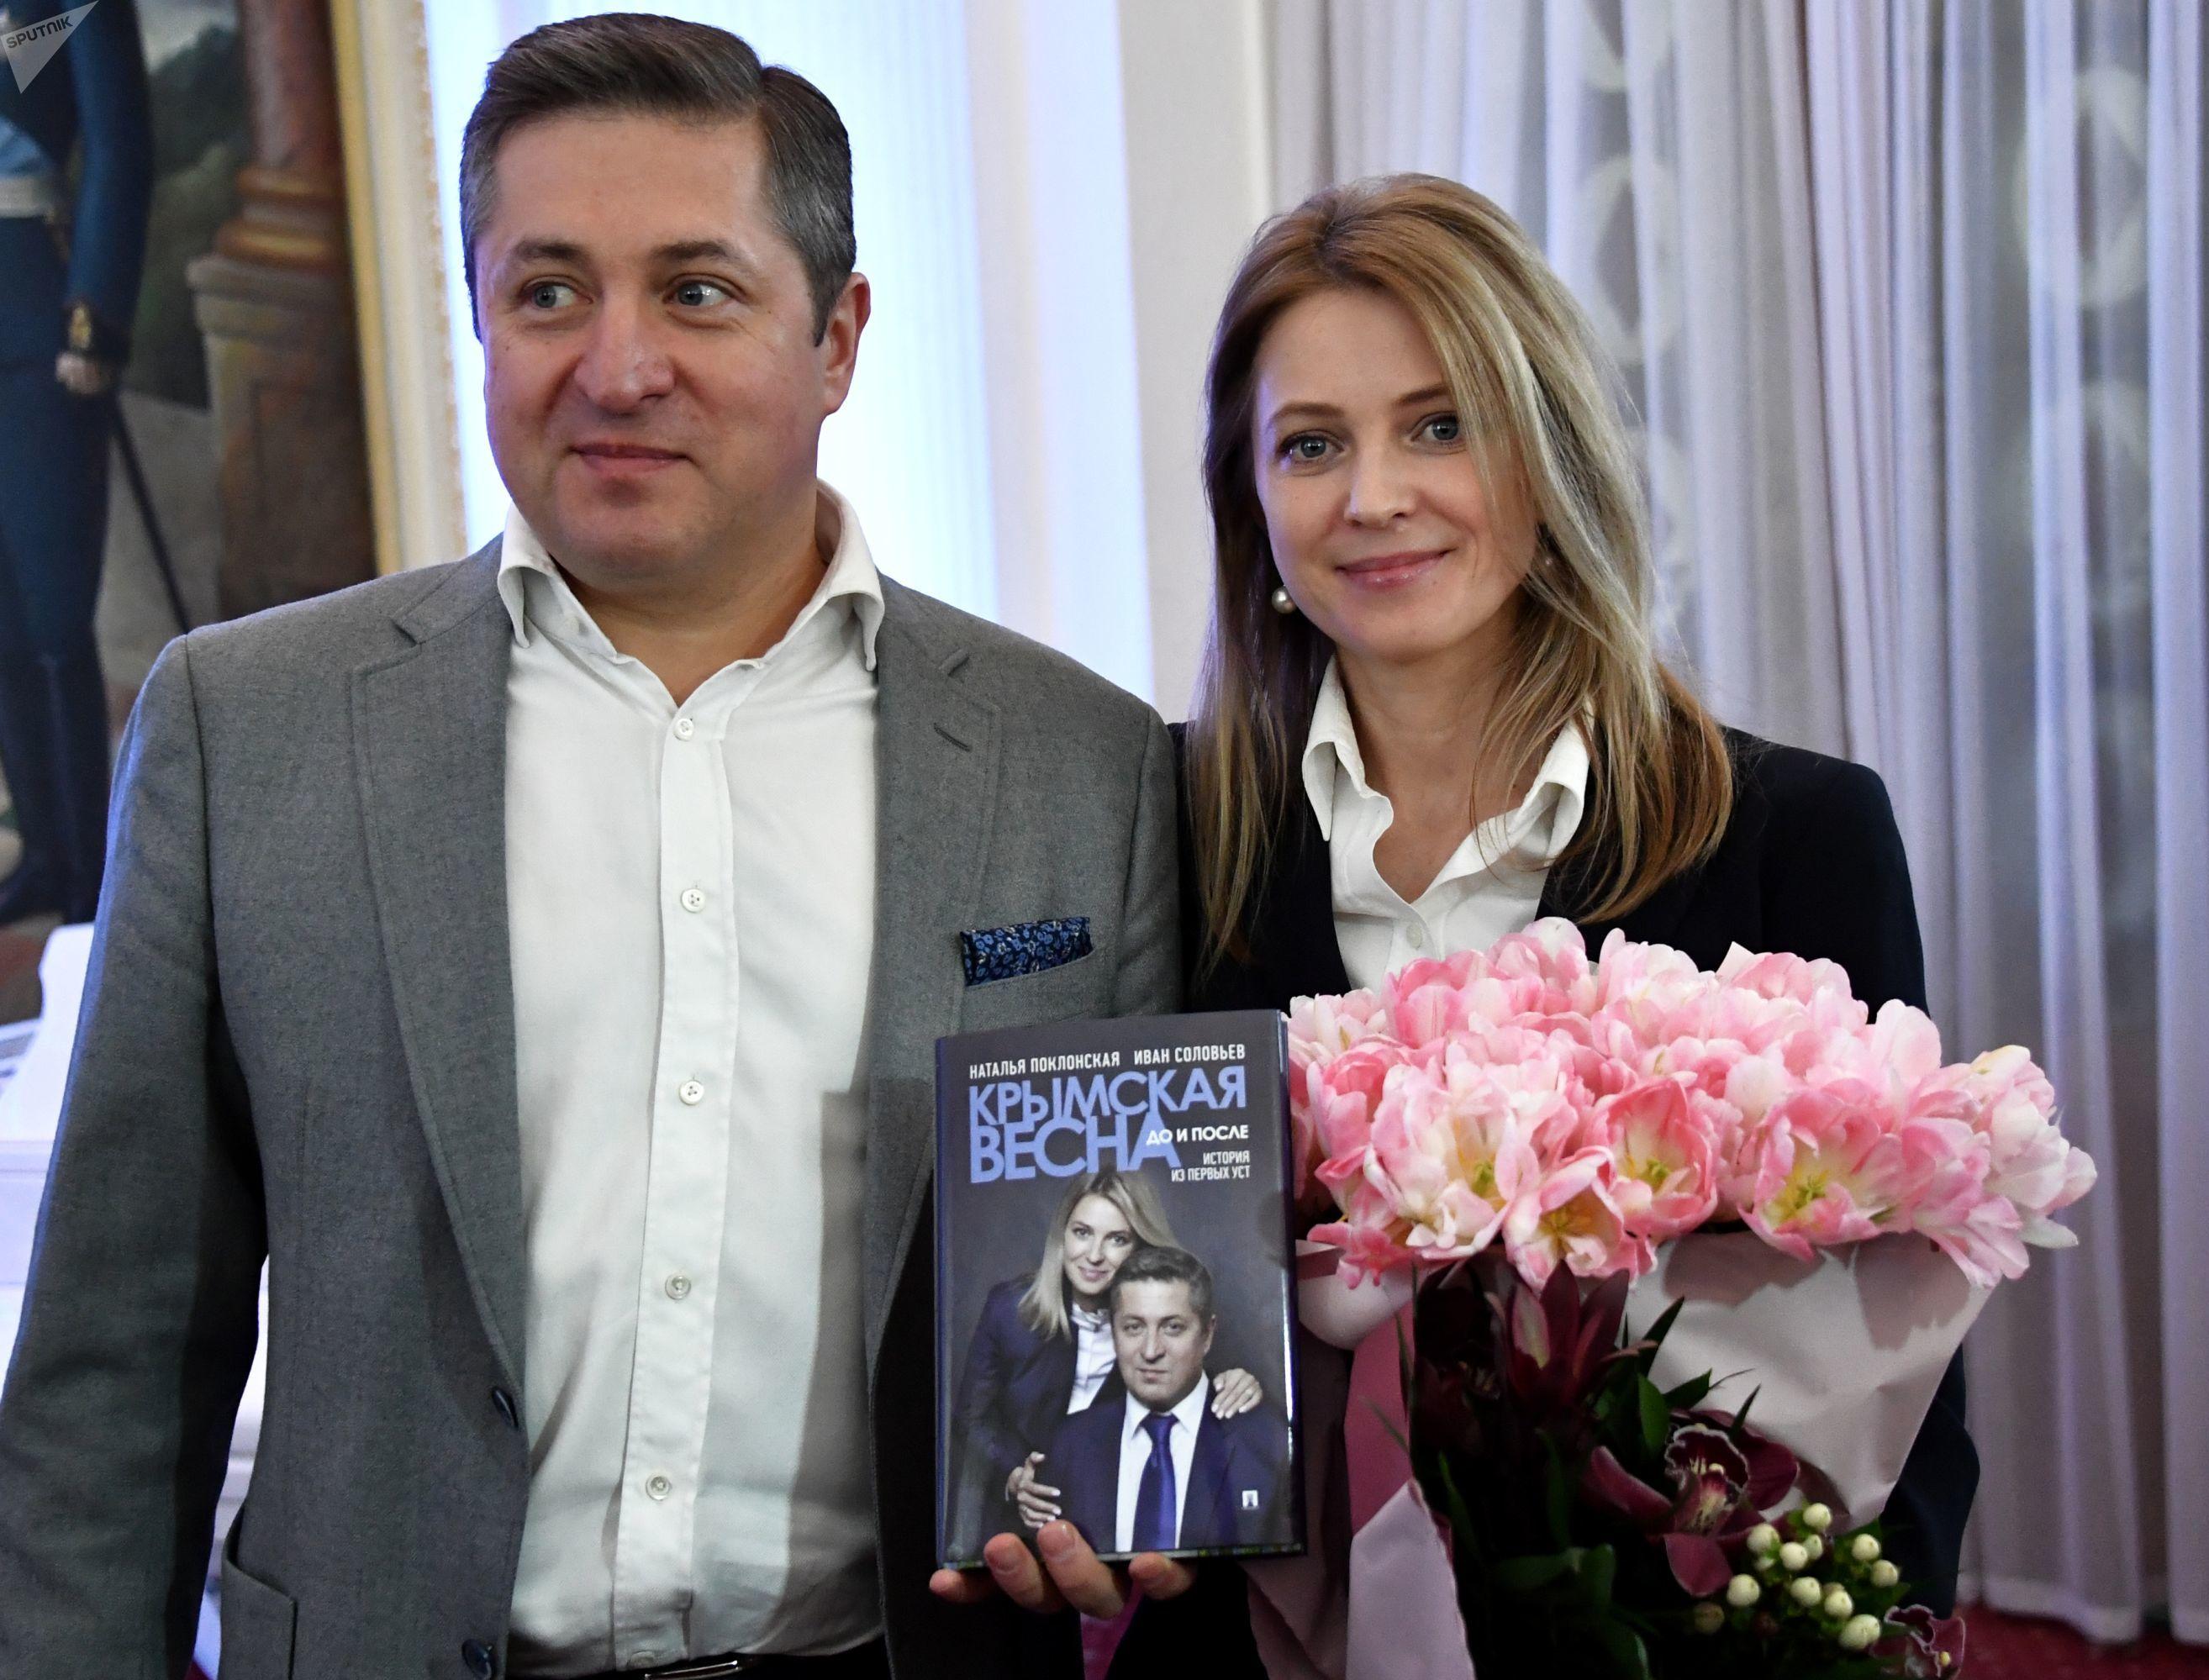 Natalia Poklónskaya y su entonces esposo, Iván Soloviov, en la ceremonia de lanzamiento de su libro